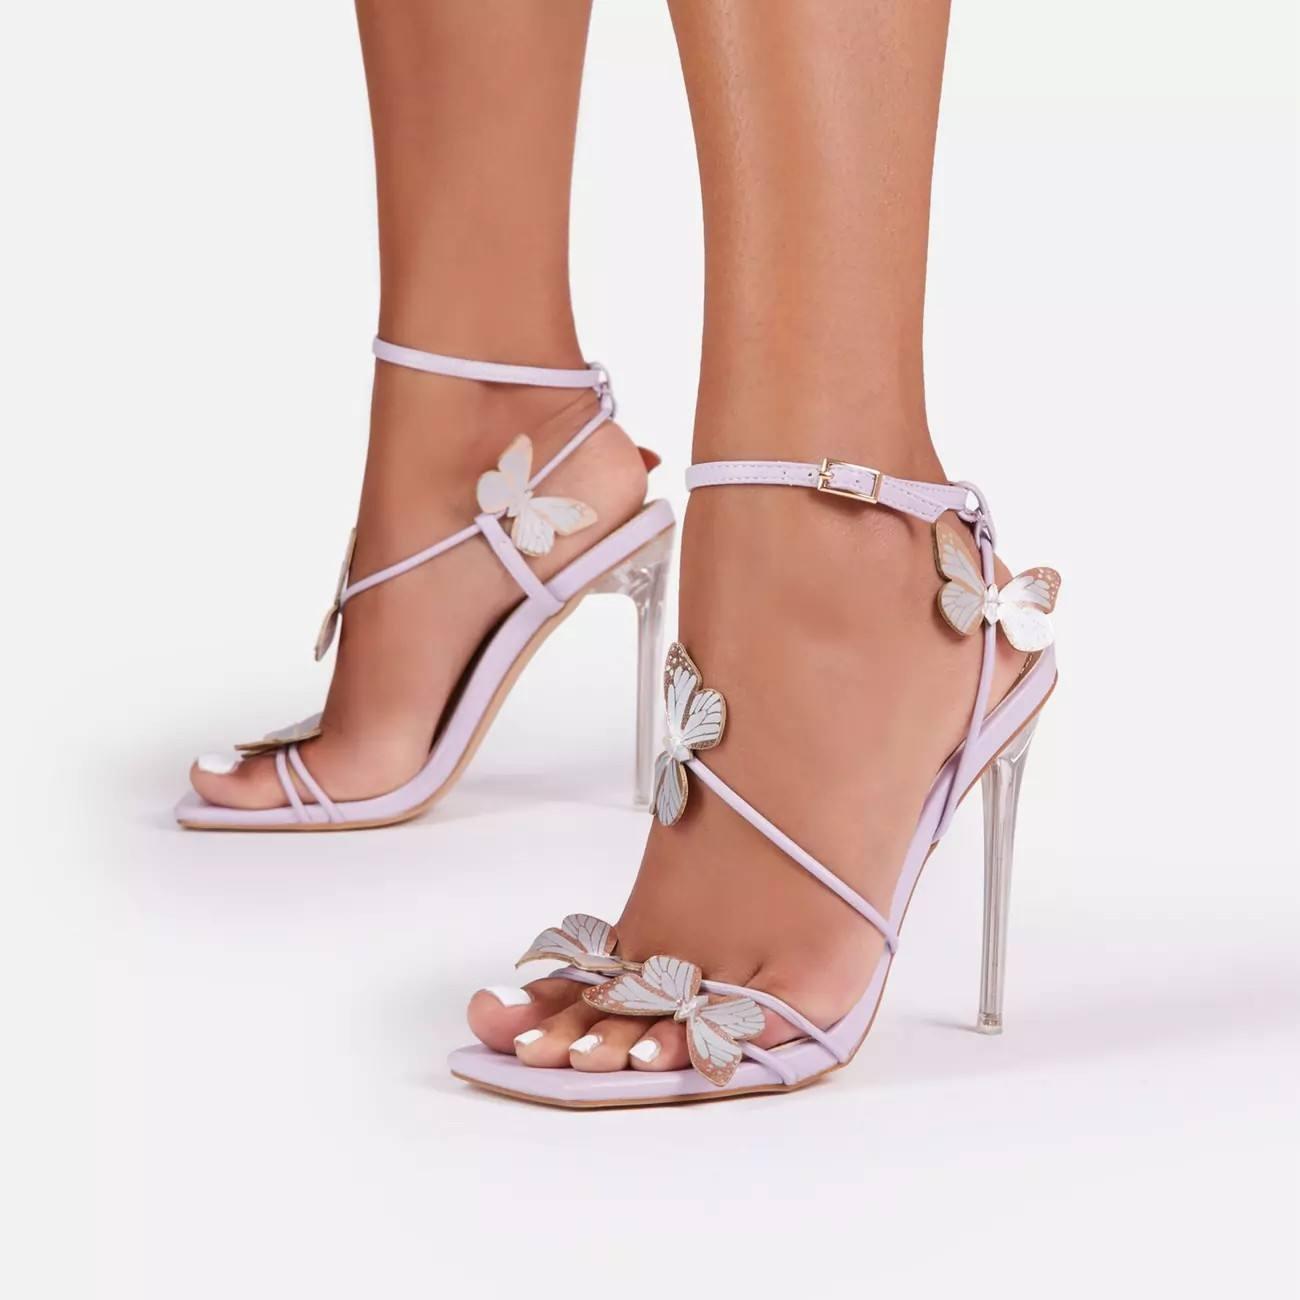 โปรโมชั่น thai, ช็อปปิ้งออนไลน์เพื่อรับโปรโมชั่น thai - ผีเสื้อรองเท้าส้นสูง .alibaba.com